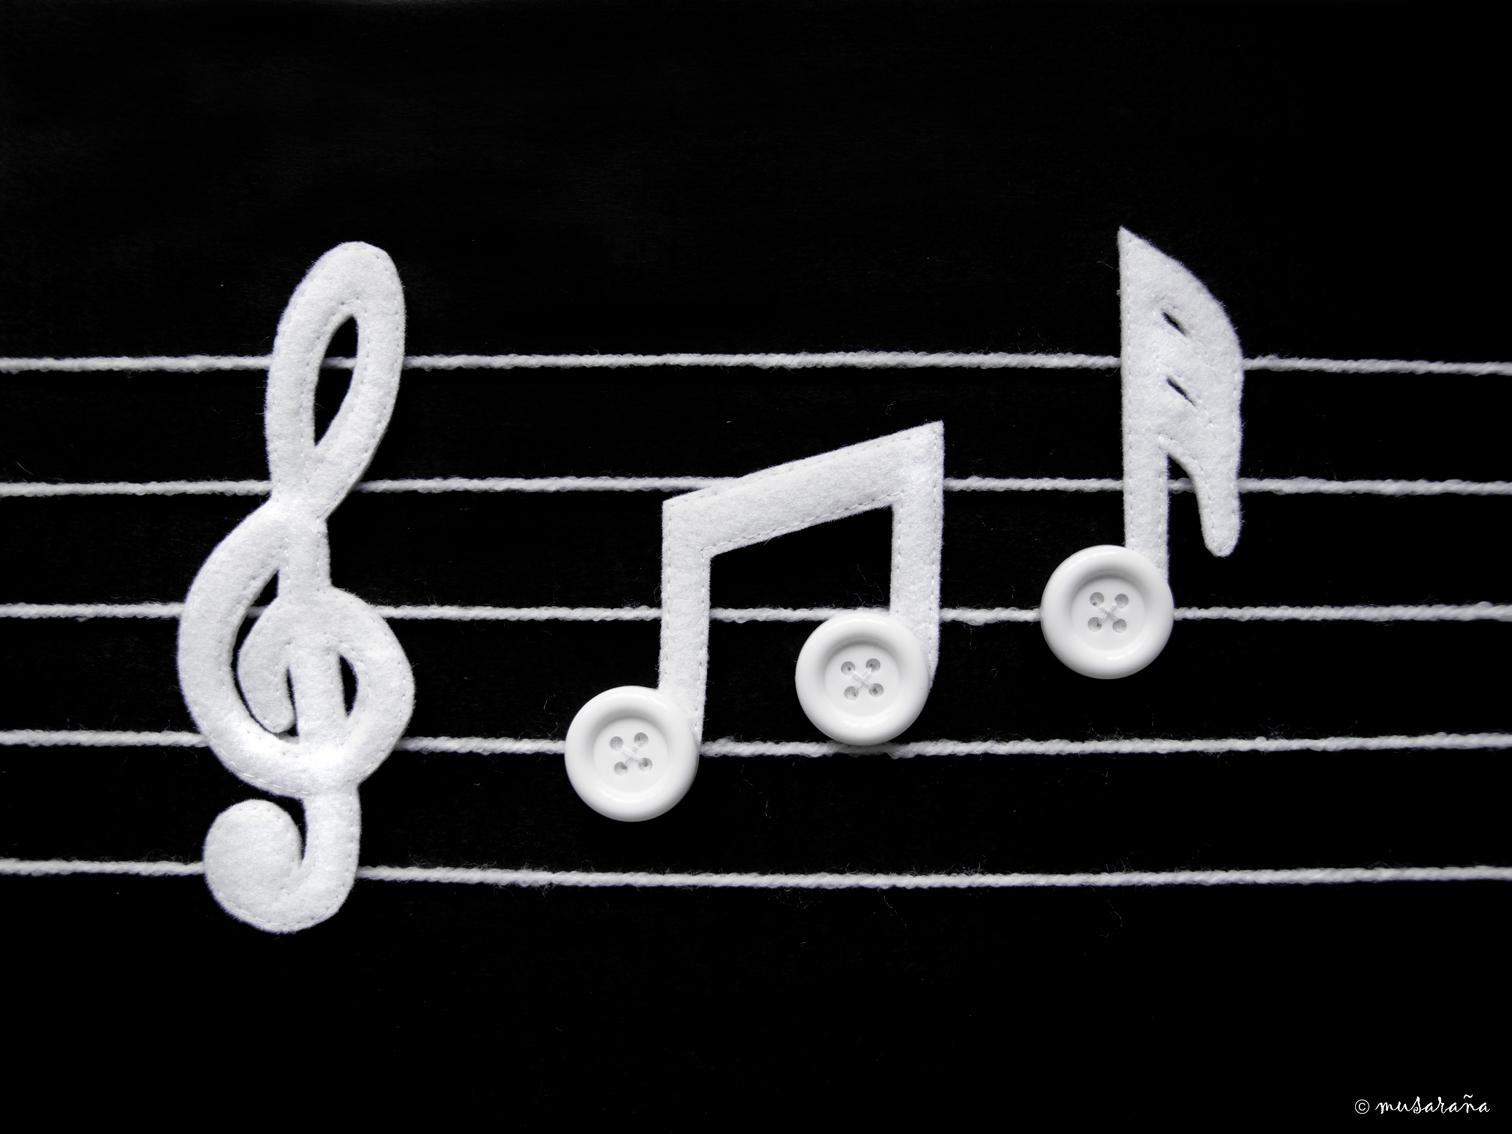 New - Fiesta De 15 Con Motivo De Notas Musicales | bunda-daffa.com